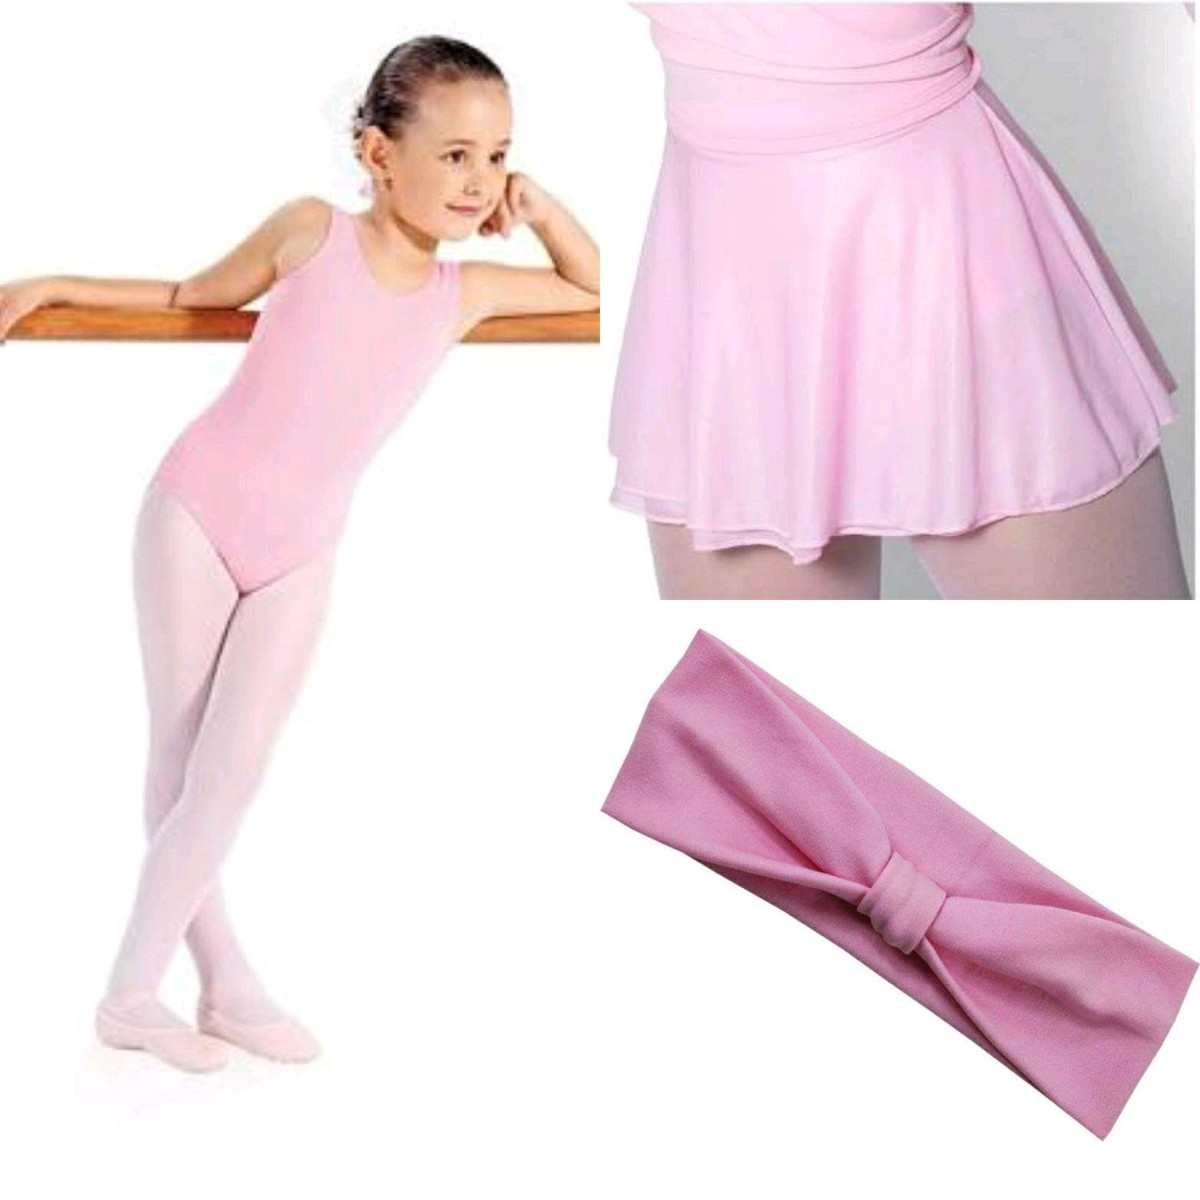 84c64c2f8d Kit de Roupa de ballet infantil no Elo7